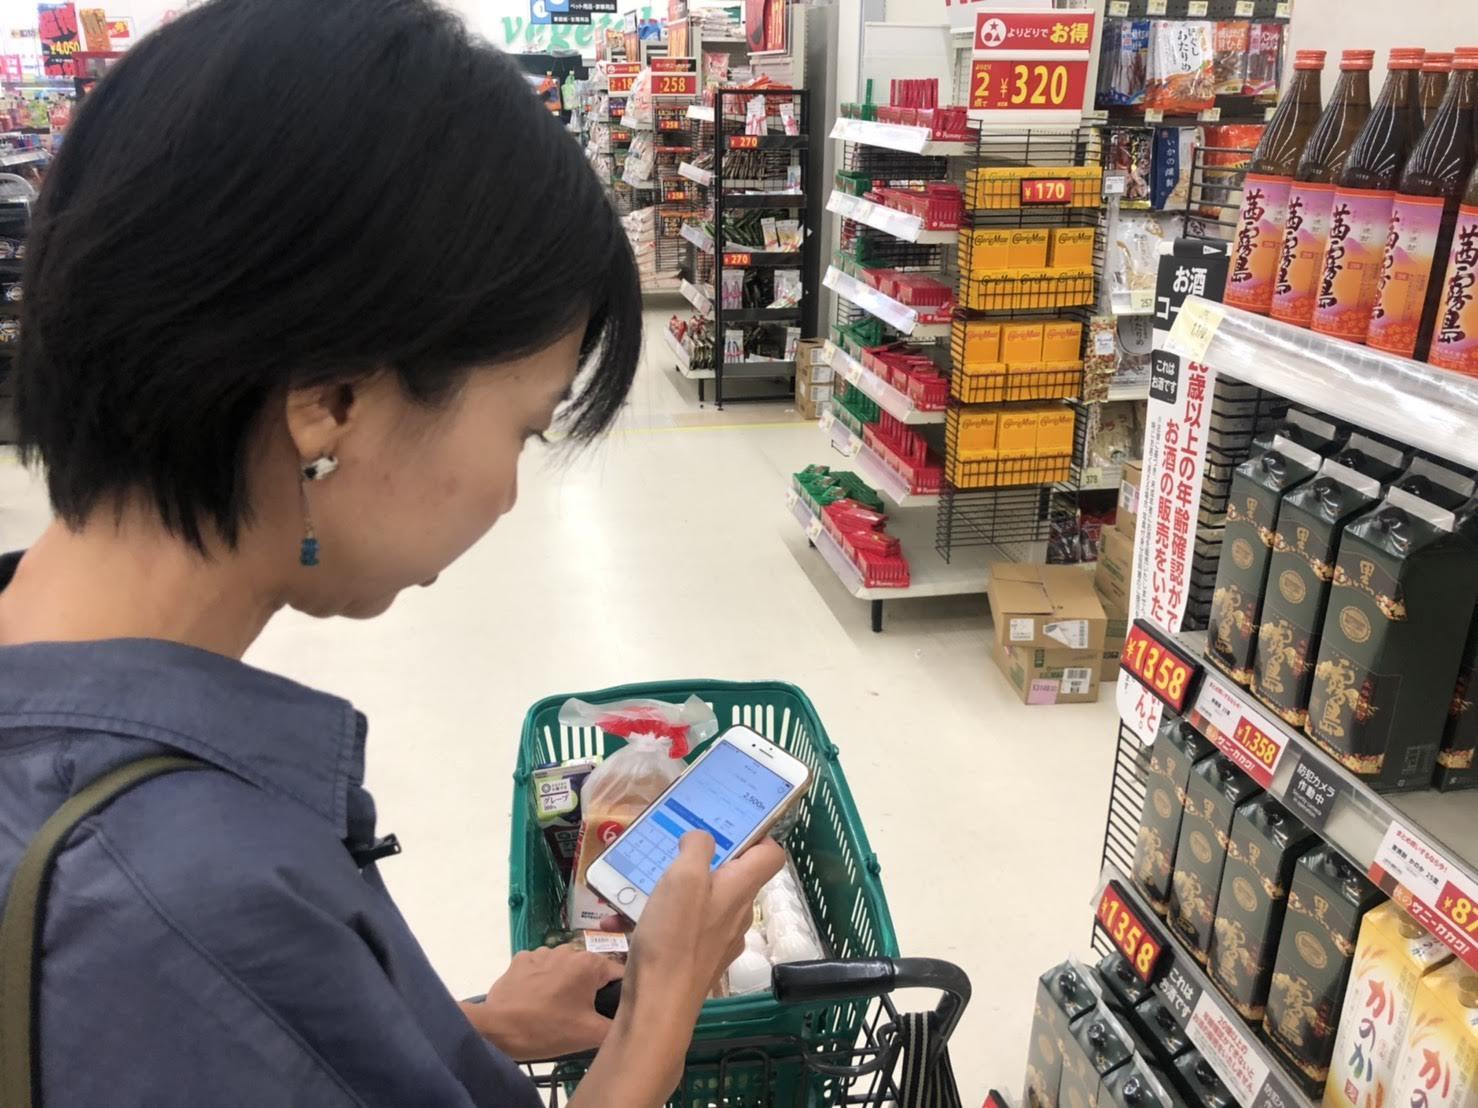 ペイ活シングルマザーの買い物方法